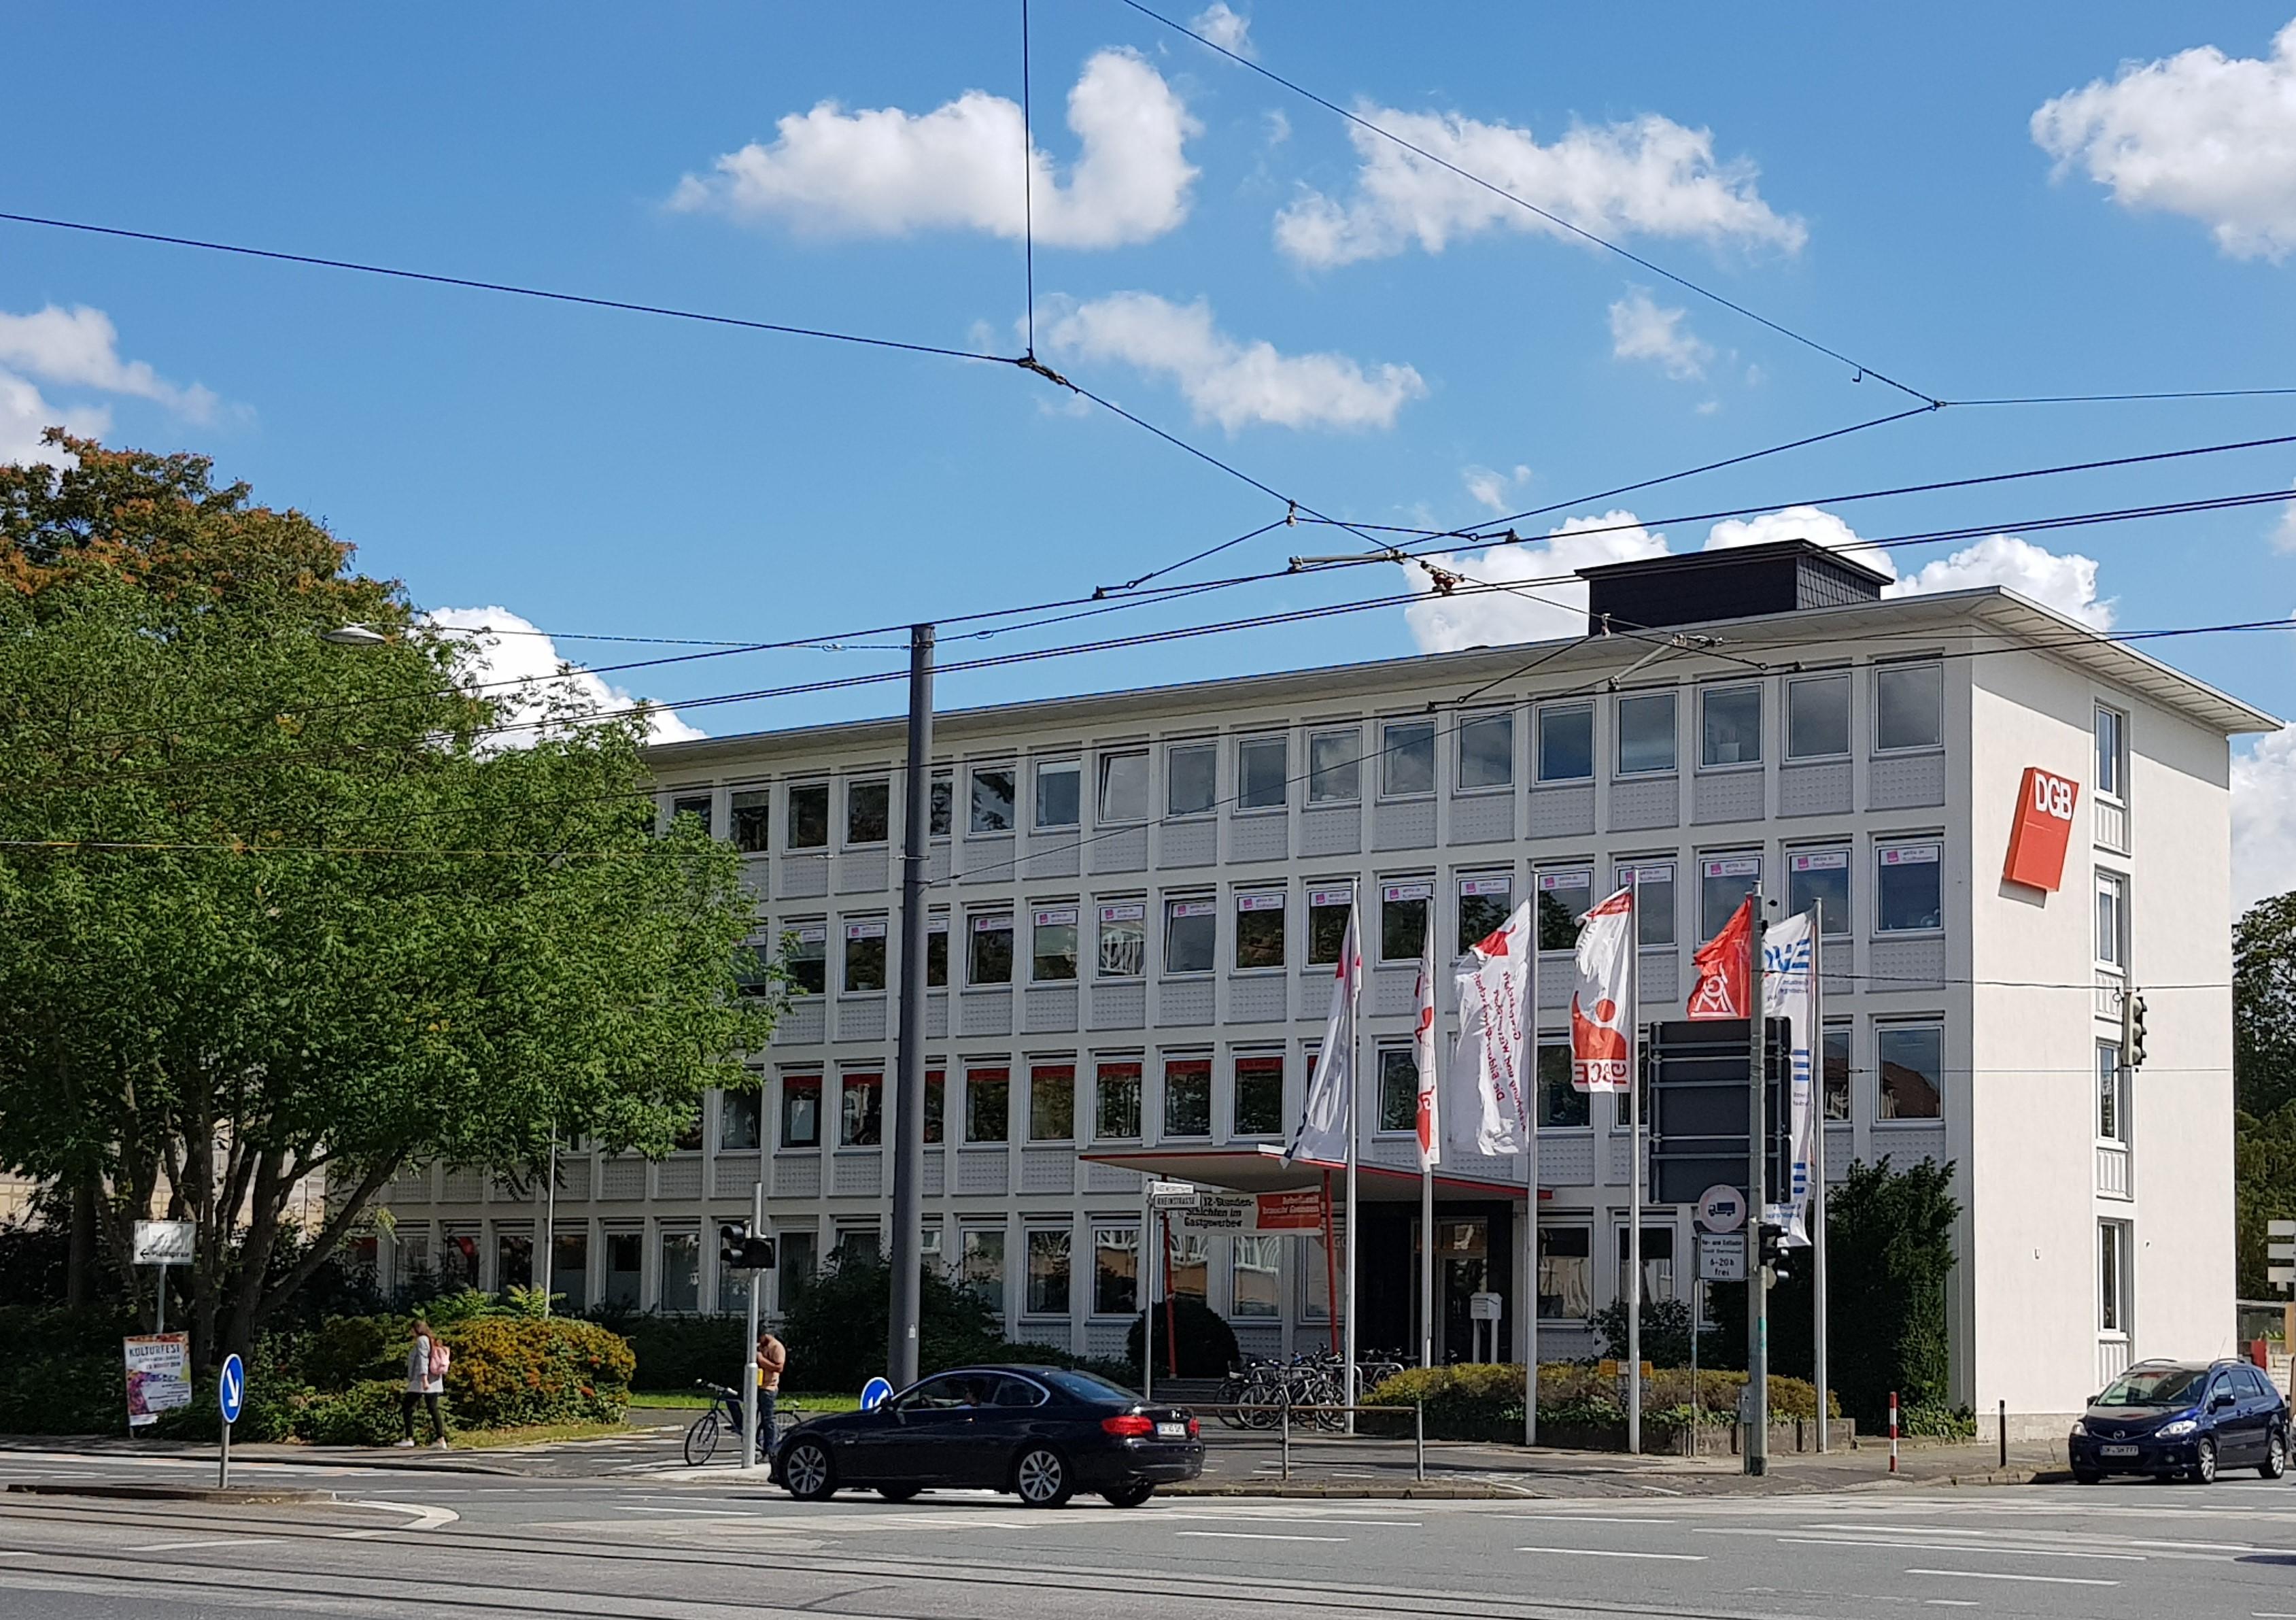 Neues Gewerkschaftshaus in Darmstadt